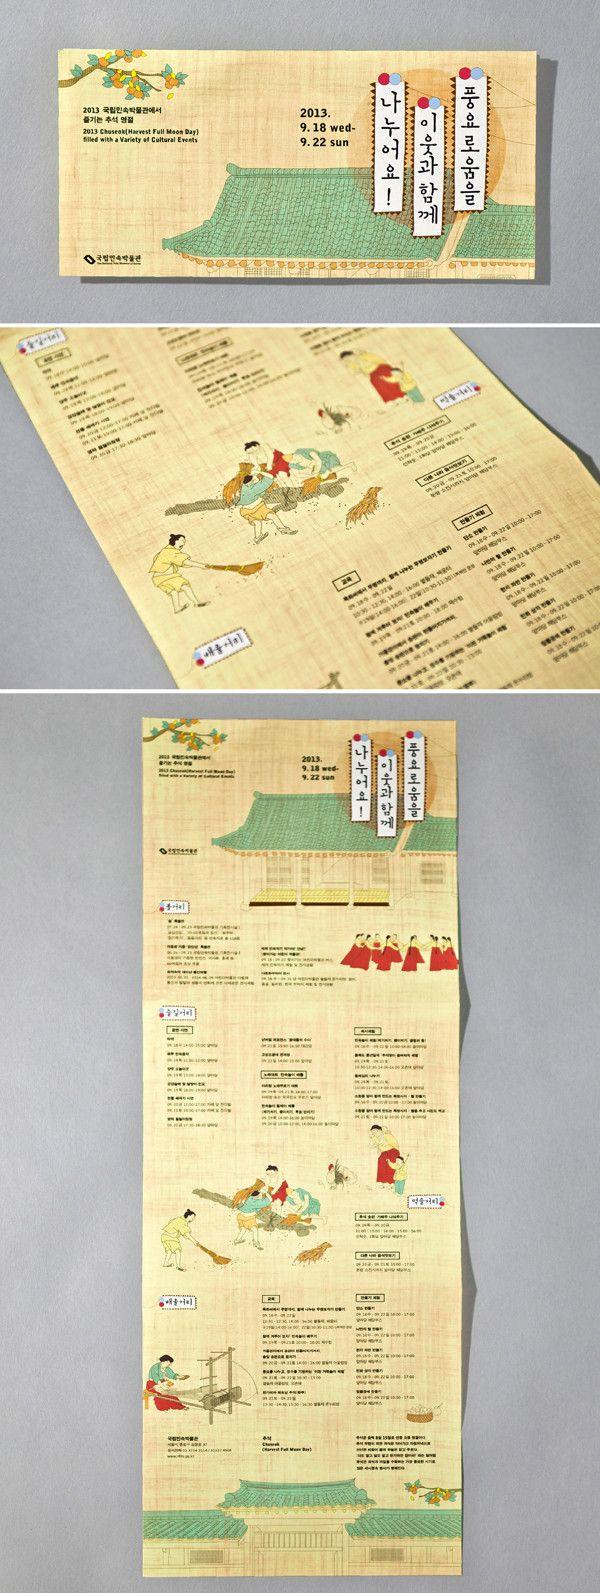 10번째로 소개할 디자인 스튜디오는 바로 한국 서울 성북동에 있는 스튜디오 홍단 (Hong Dan)입니다. 제가 주로 해외 디자인 스튜디오/에이전시를 소개하는데 정말 마음에 드는 한국 스튜디오가 있으면 중간 중간 소개를 하고 있습니다. 저번에 Studio Fnt에 대해 소개한적 있는데,   두번째로 소개해드릴 한국 스튜디오는 여기 홍단입니다. 제가 소개해드리는 이유는, 한국적 미가 들어있는 작품을 주로 만들기 때문입니다. 어떻게 보면 이게 바로 홍단의 아이덴티티죠. 매우 심플함을 추구하면서 전통 한국의 미가 많이 묻어납니다. 외국 디자이너들은 이건 절대로 따라할수가 없죠. 디자인에 많은 요소를 추구하지 않고 깔끔하게 필요한 요소만 잡아서 작업을 하기 때문에 훨씬 더 와닿는것 같습니다. 제가 올리는 카드들을 보신 분들은 알겠지만 저는 개인적으로 볼드하고 강렬한 색상들을 좋아하고 선호하는 편입니다. 하지만 스튜디오 홍단은 예외!   이분들의 클라이언트들은 국립 민속 박물관…